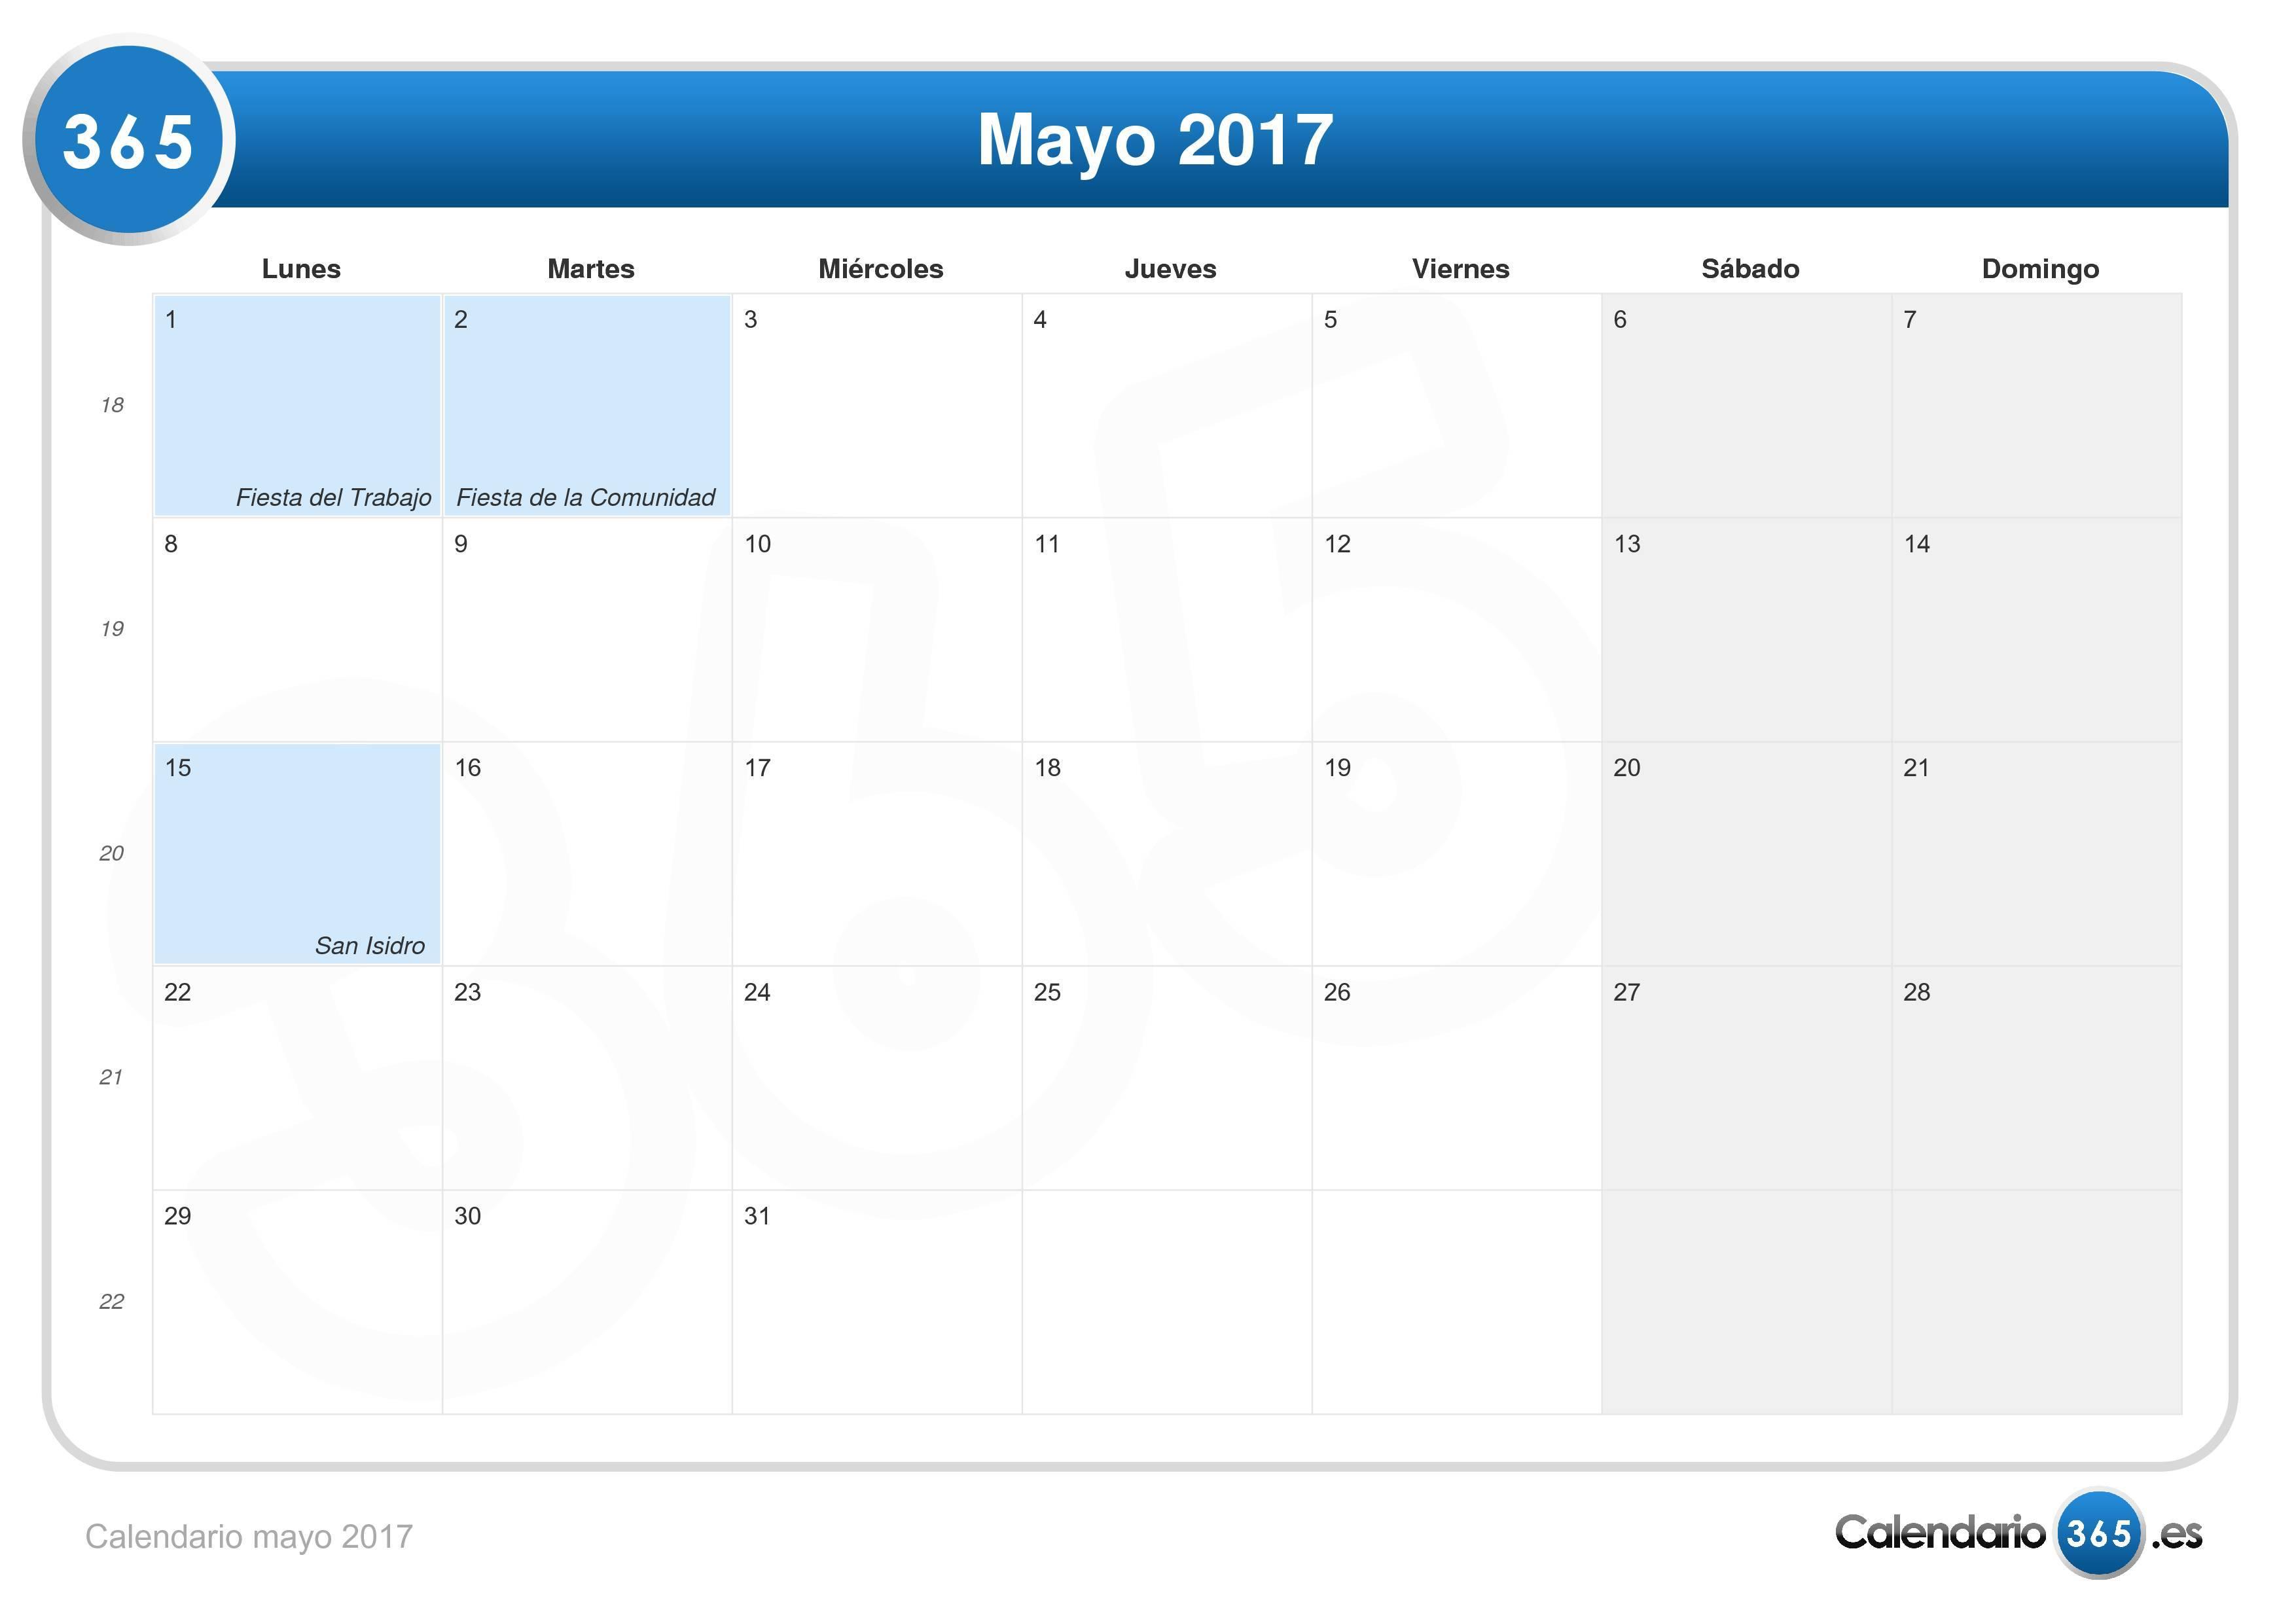 Calendario mayo 2017 for Calendario lunar mayo